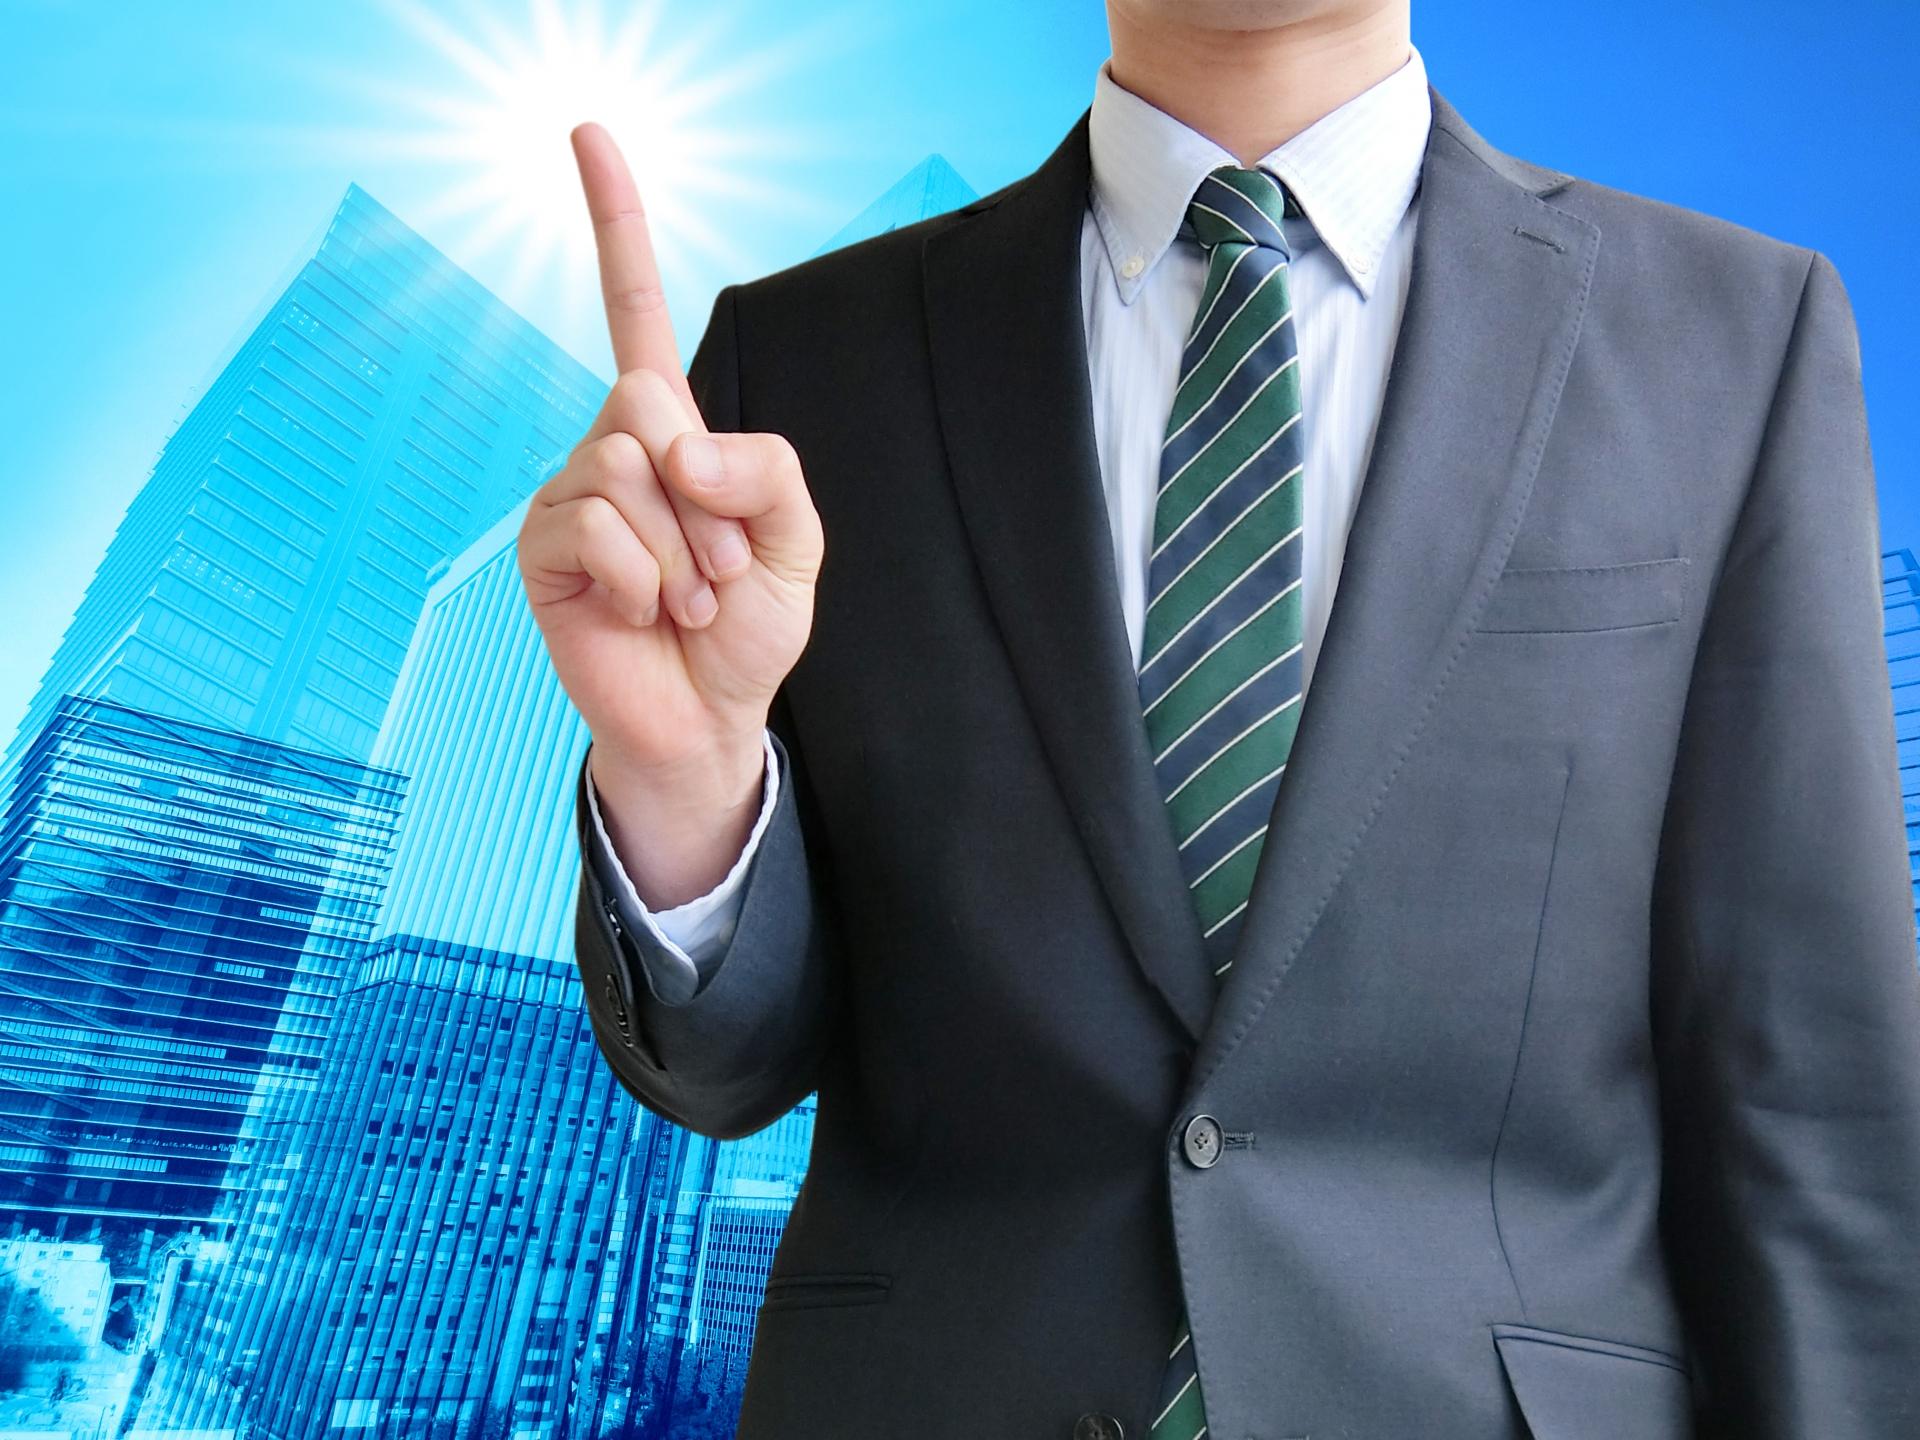 まとめ 【初心者向け】投資を始める方法 より確実に利益を出すためのサービスとは?